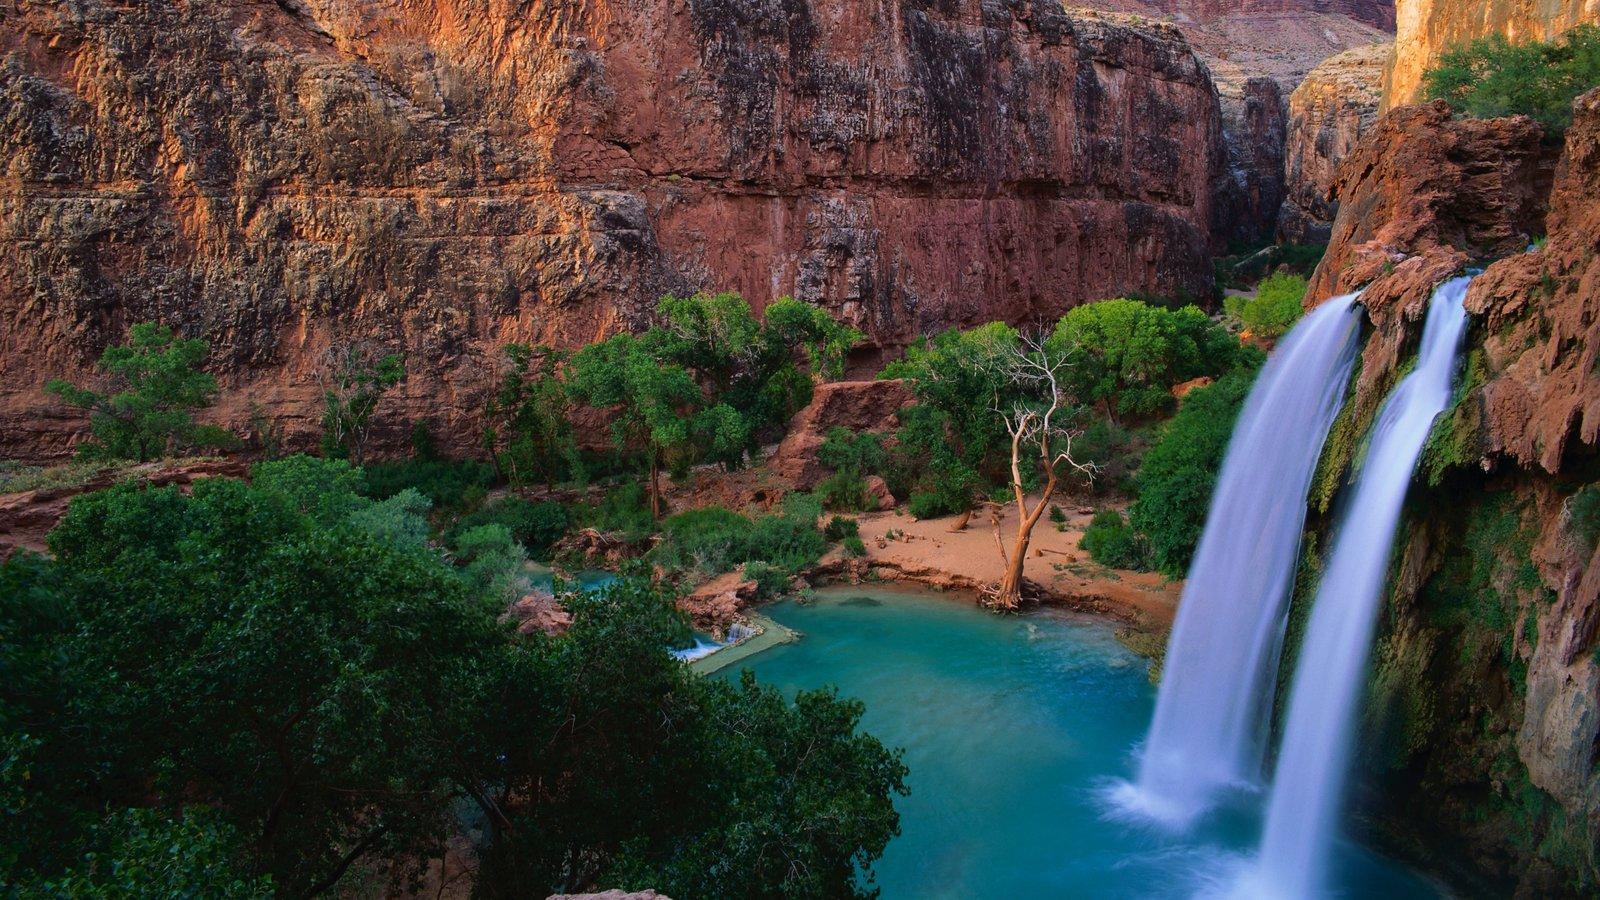 Phoenix mostrando um desfiladeiro ou canyon, uma cascata e paisagem